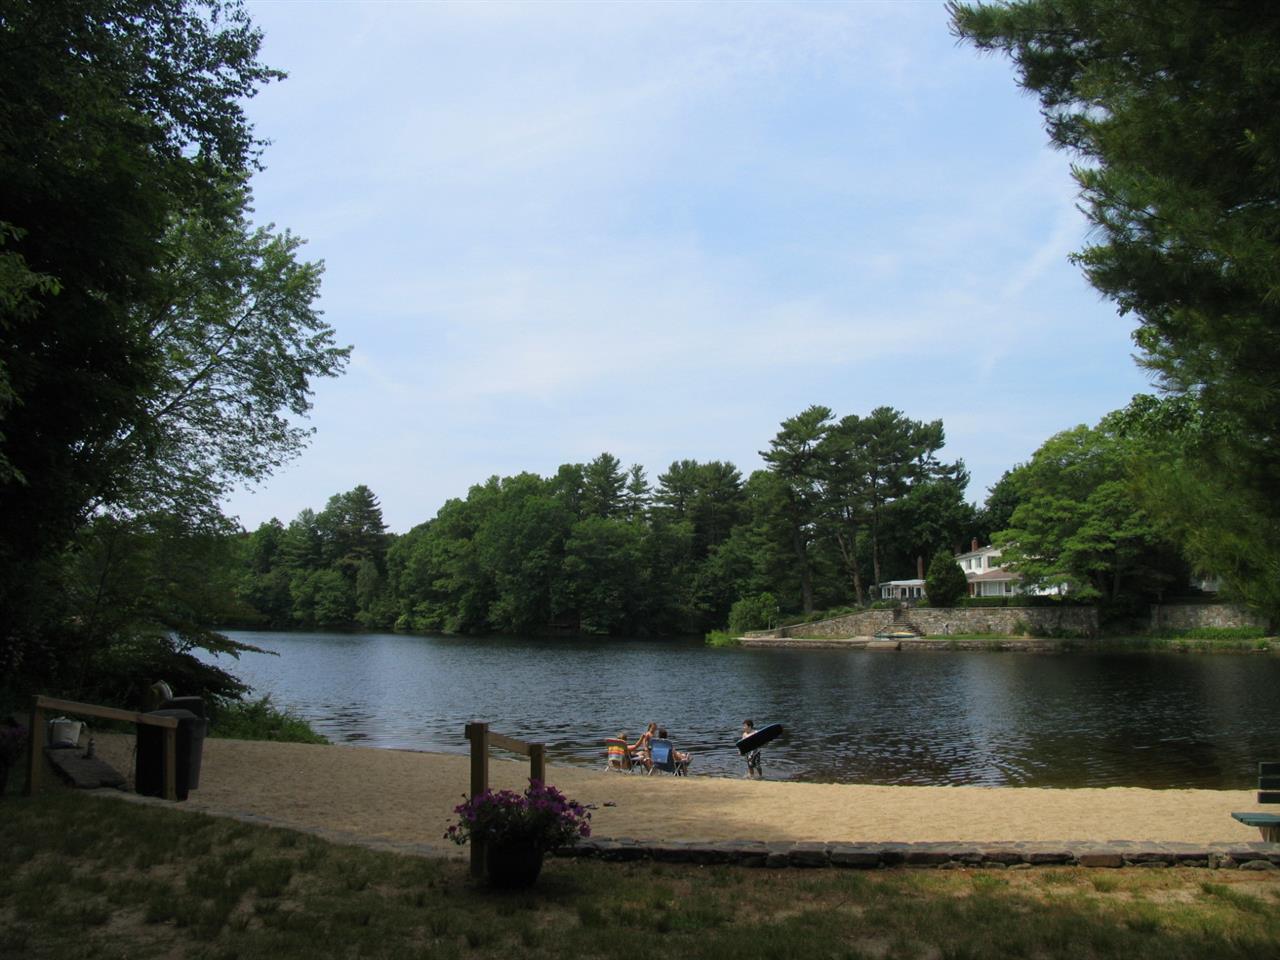 #Guilford #GuilfordLakes #LakeBeach